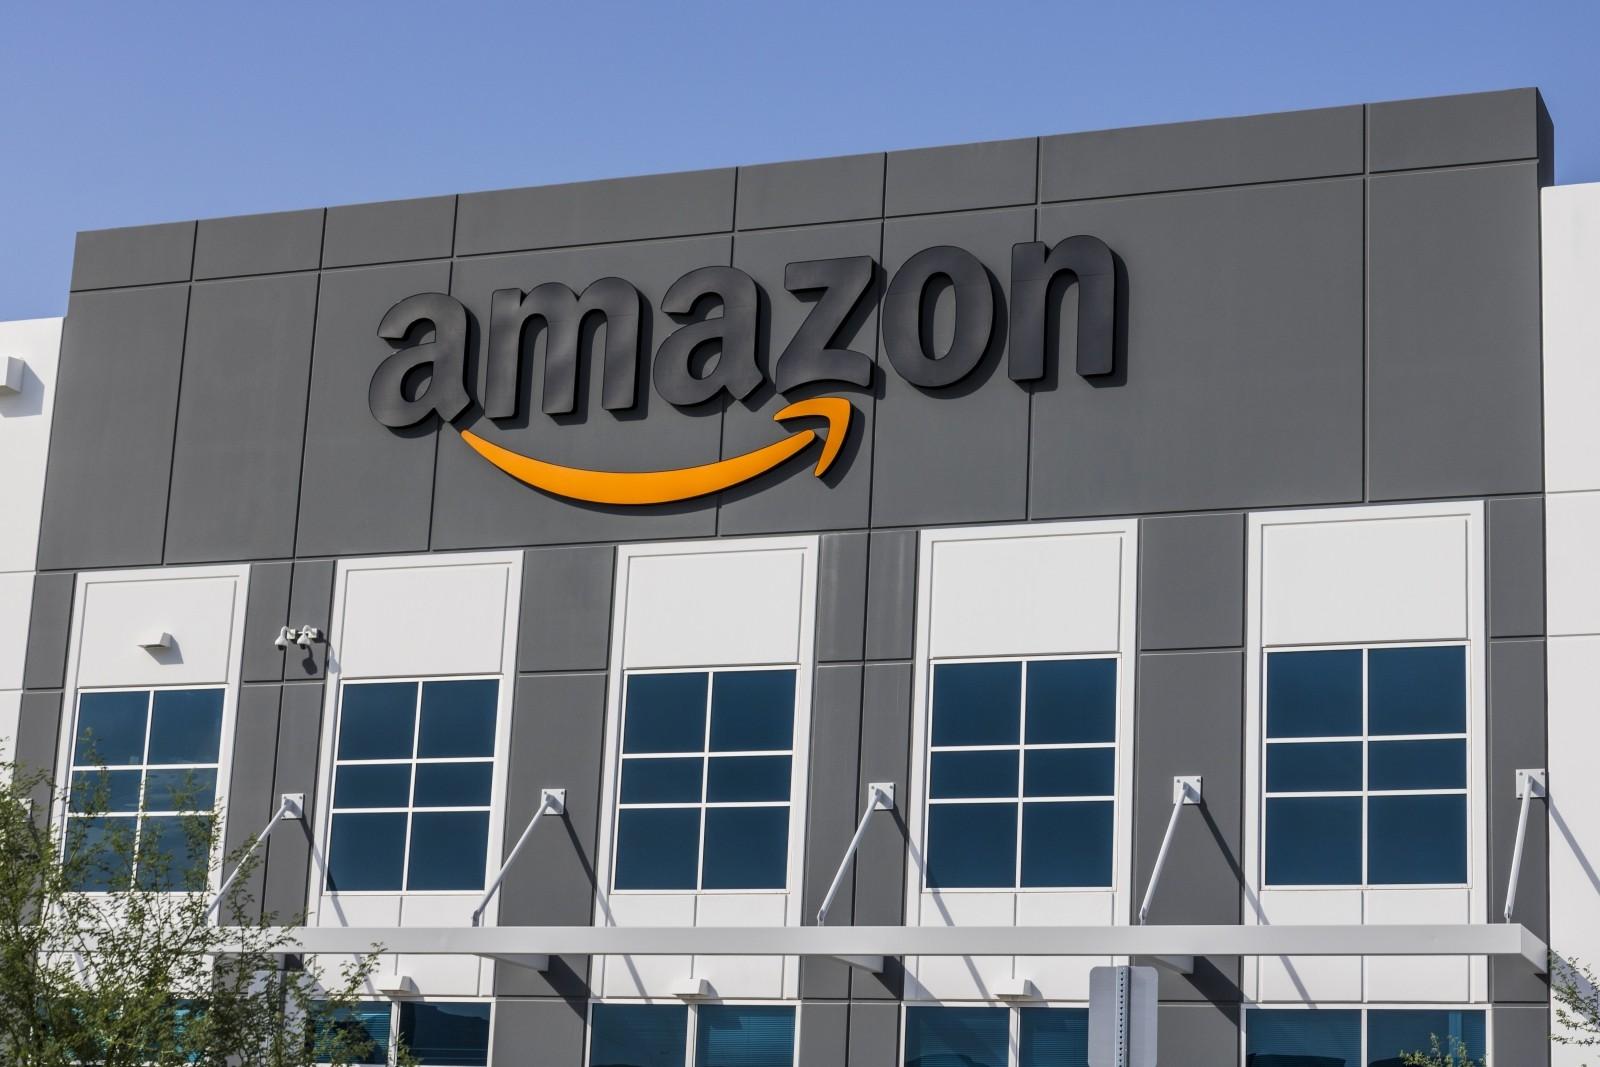 Amazon bị cáo buộc đầu tư vào các công ty nhỏ nhằm đánh cắp những ý tưởng của họ